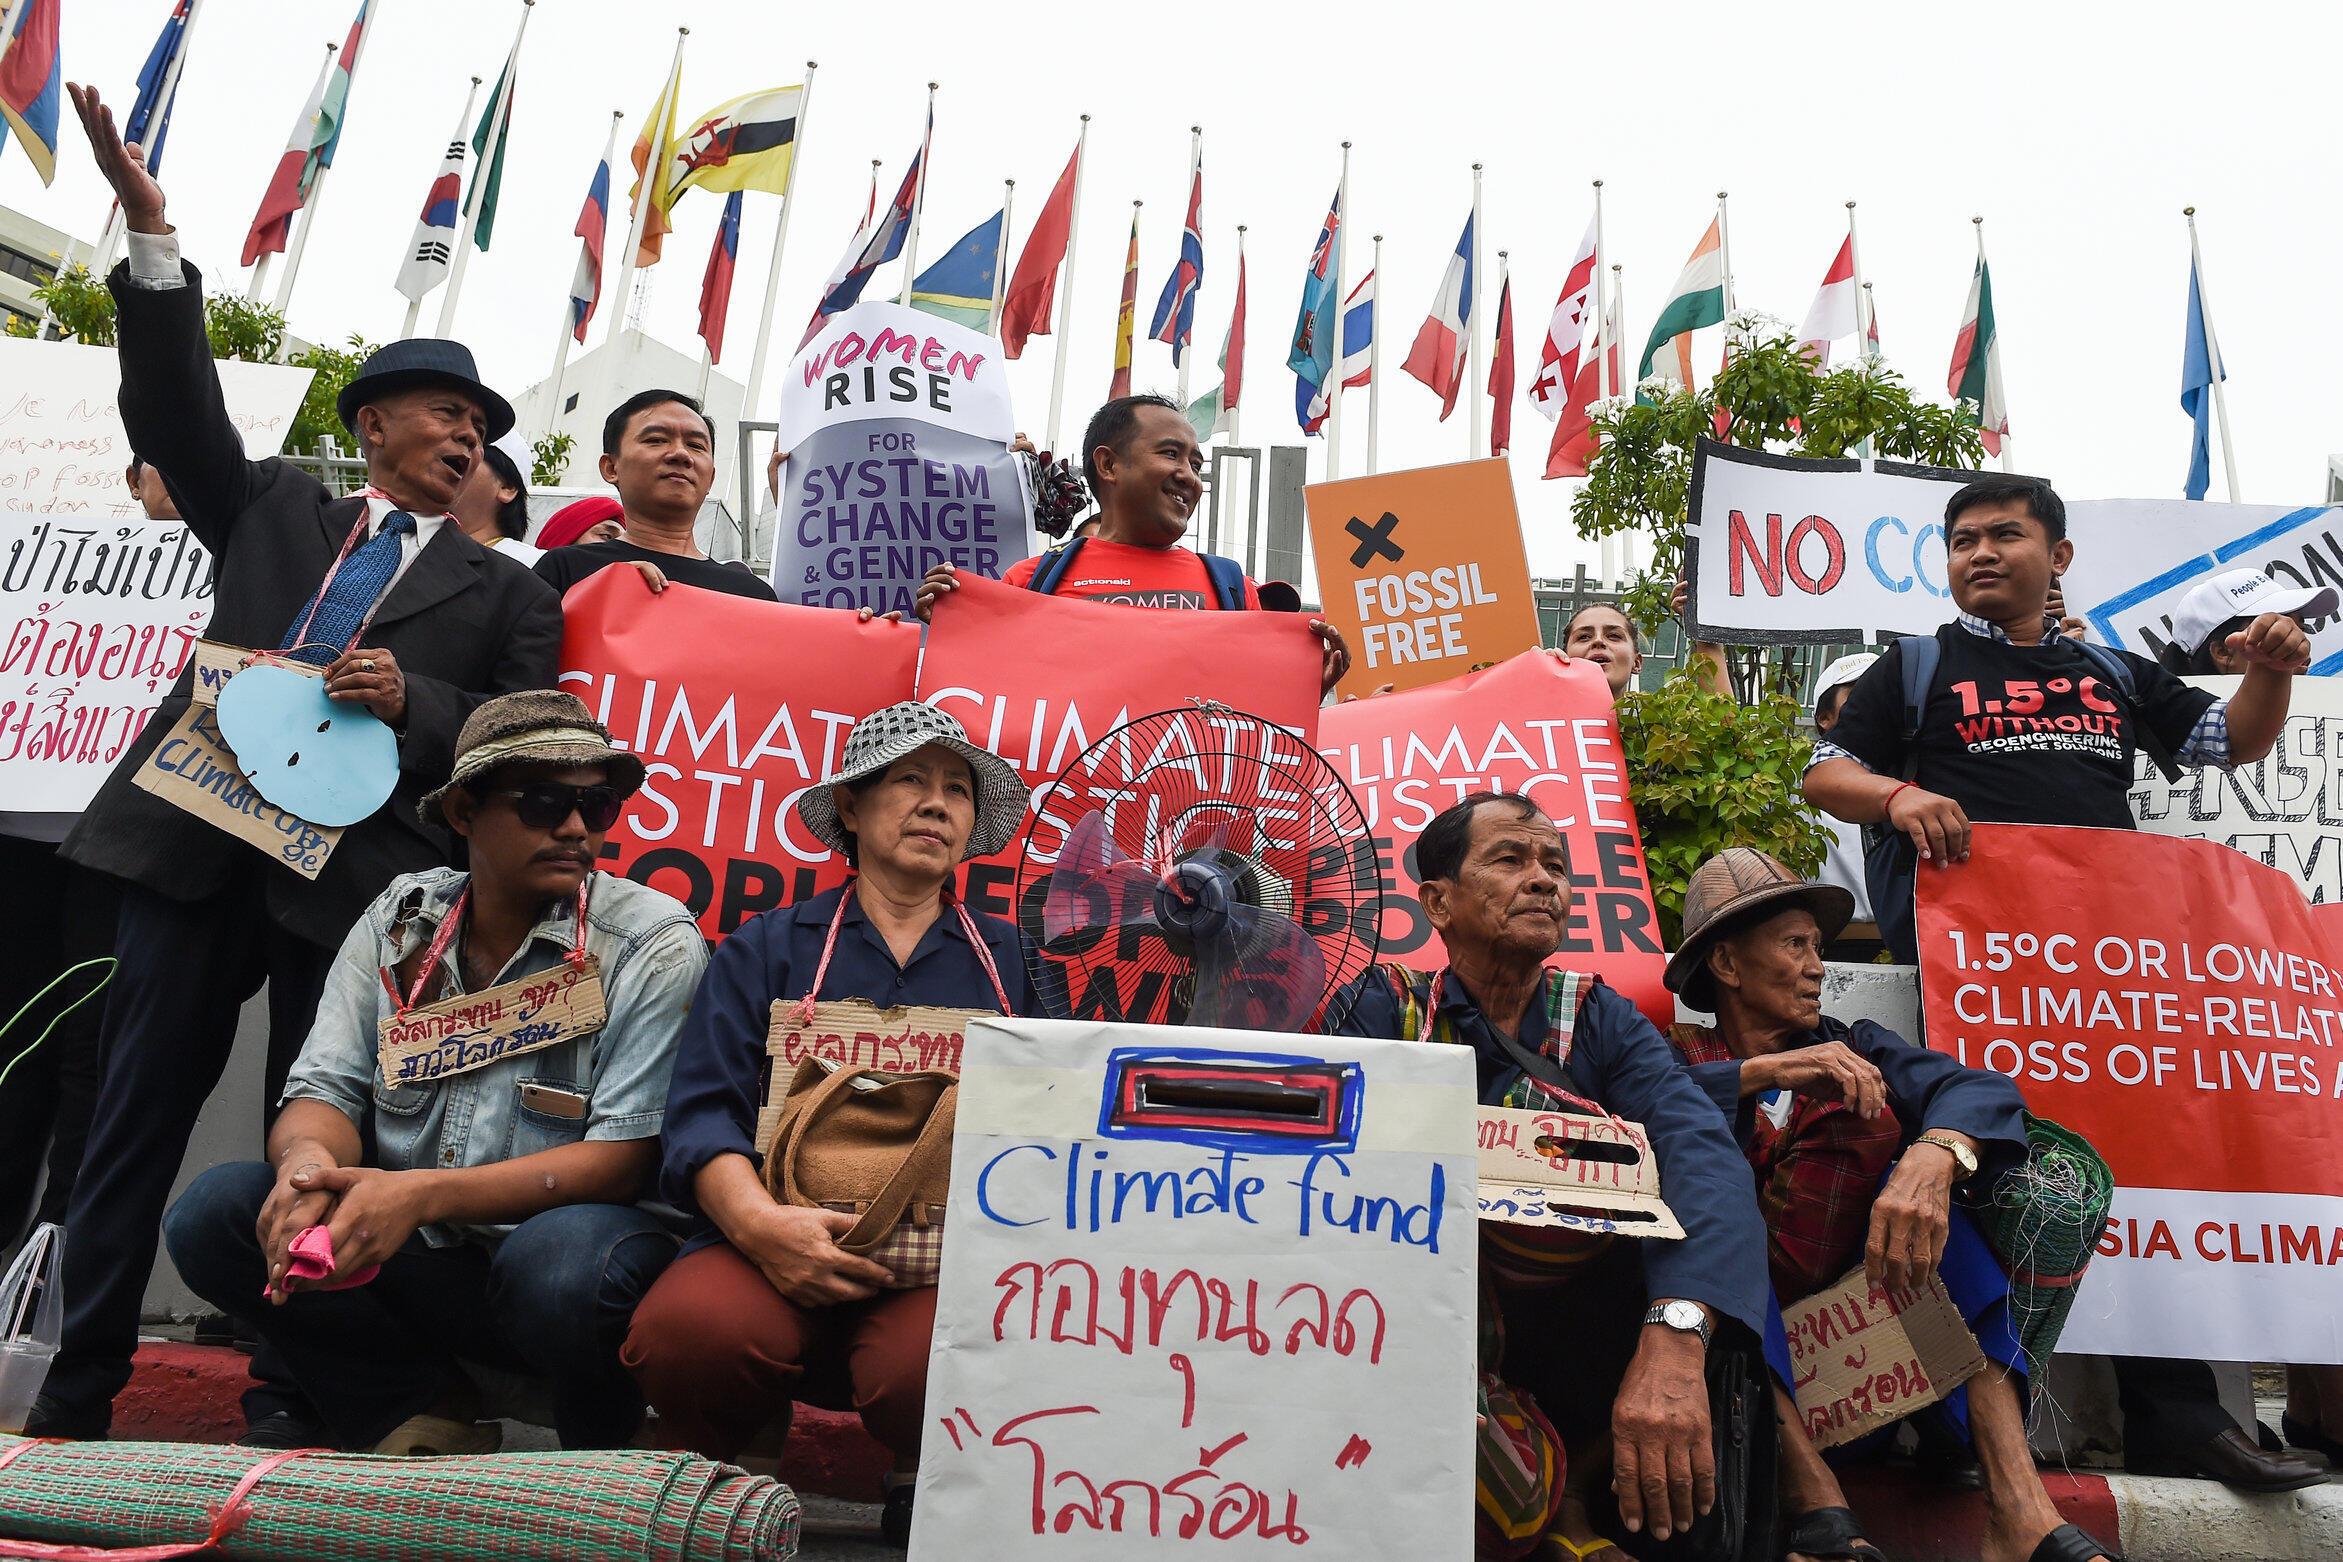 2018年9月8日,環保活動人士在曼谷聯合國機構門前集會,呼籲緊急行動,應對氣候變化。